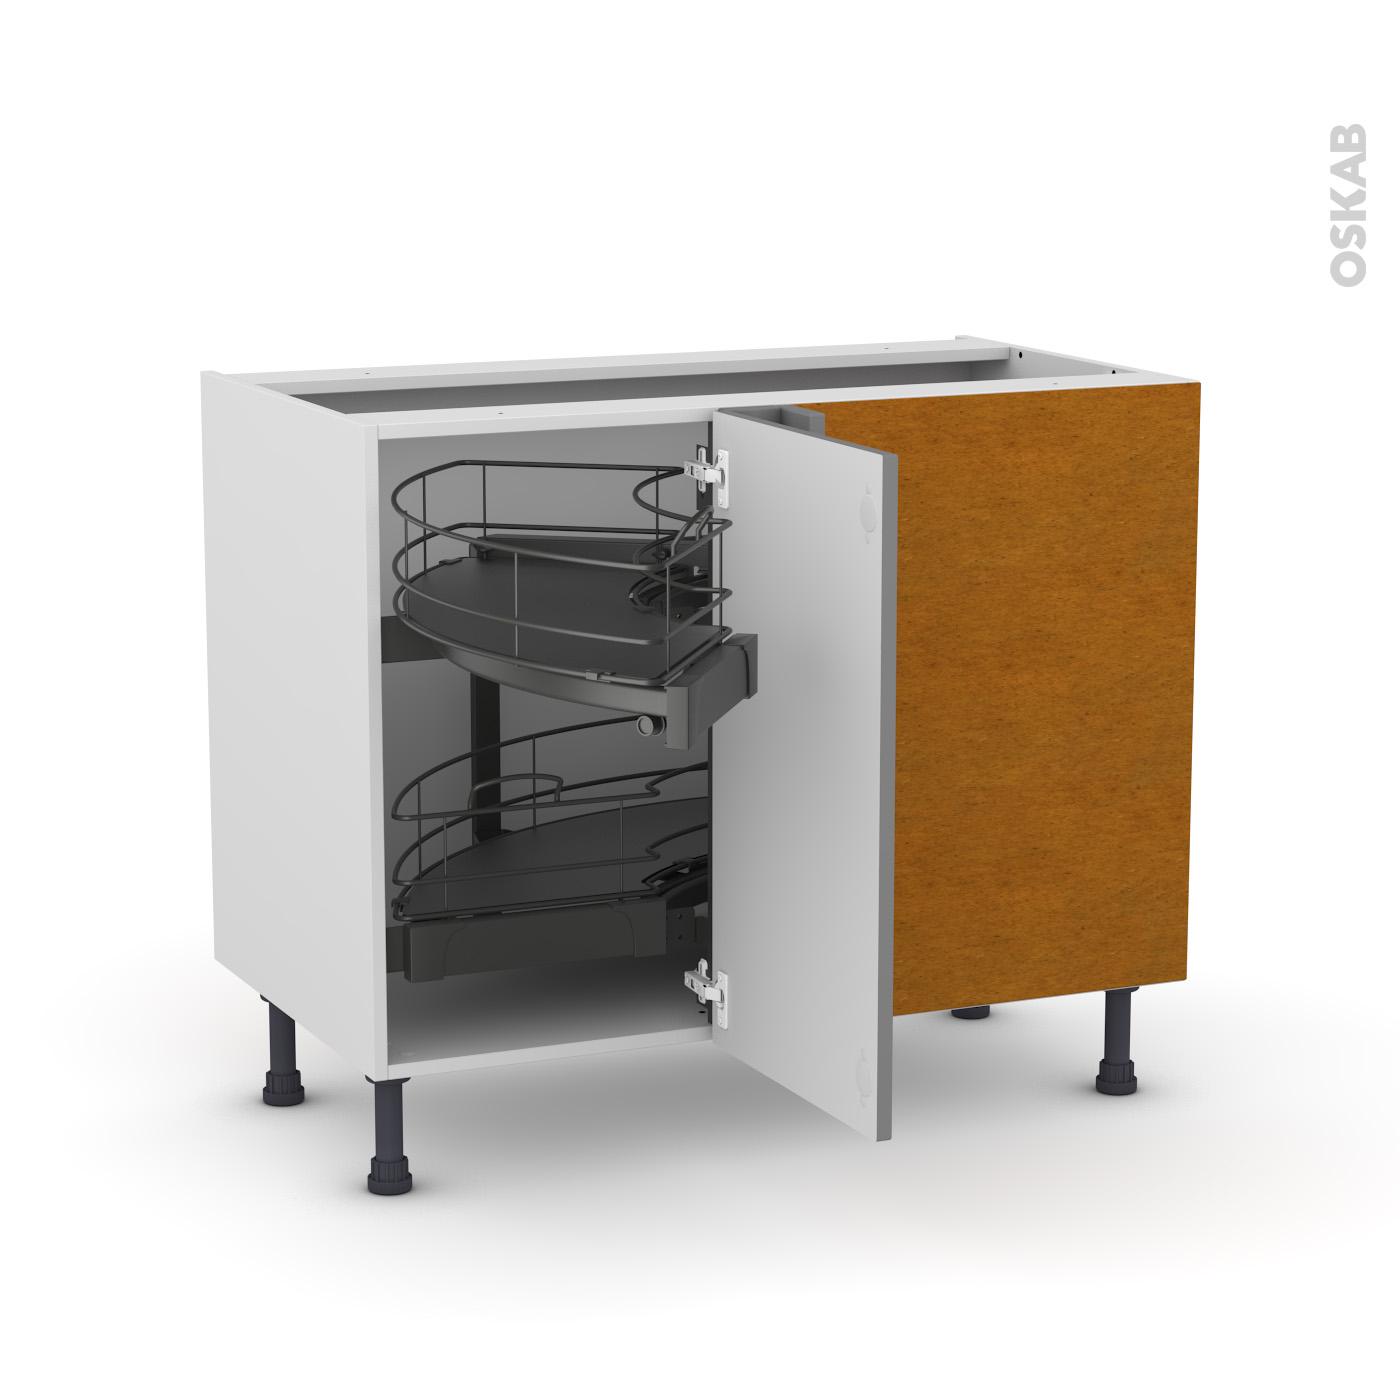 Meuble Bas De Rangement Pour Cuisine meuble de cuisine angle bas filipen gris, demi lune coulissant, tirant  droit 1 porte l40 cm mobile, l80 x h70 x p58 cm